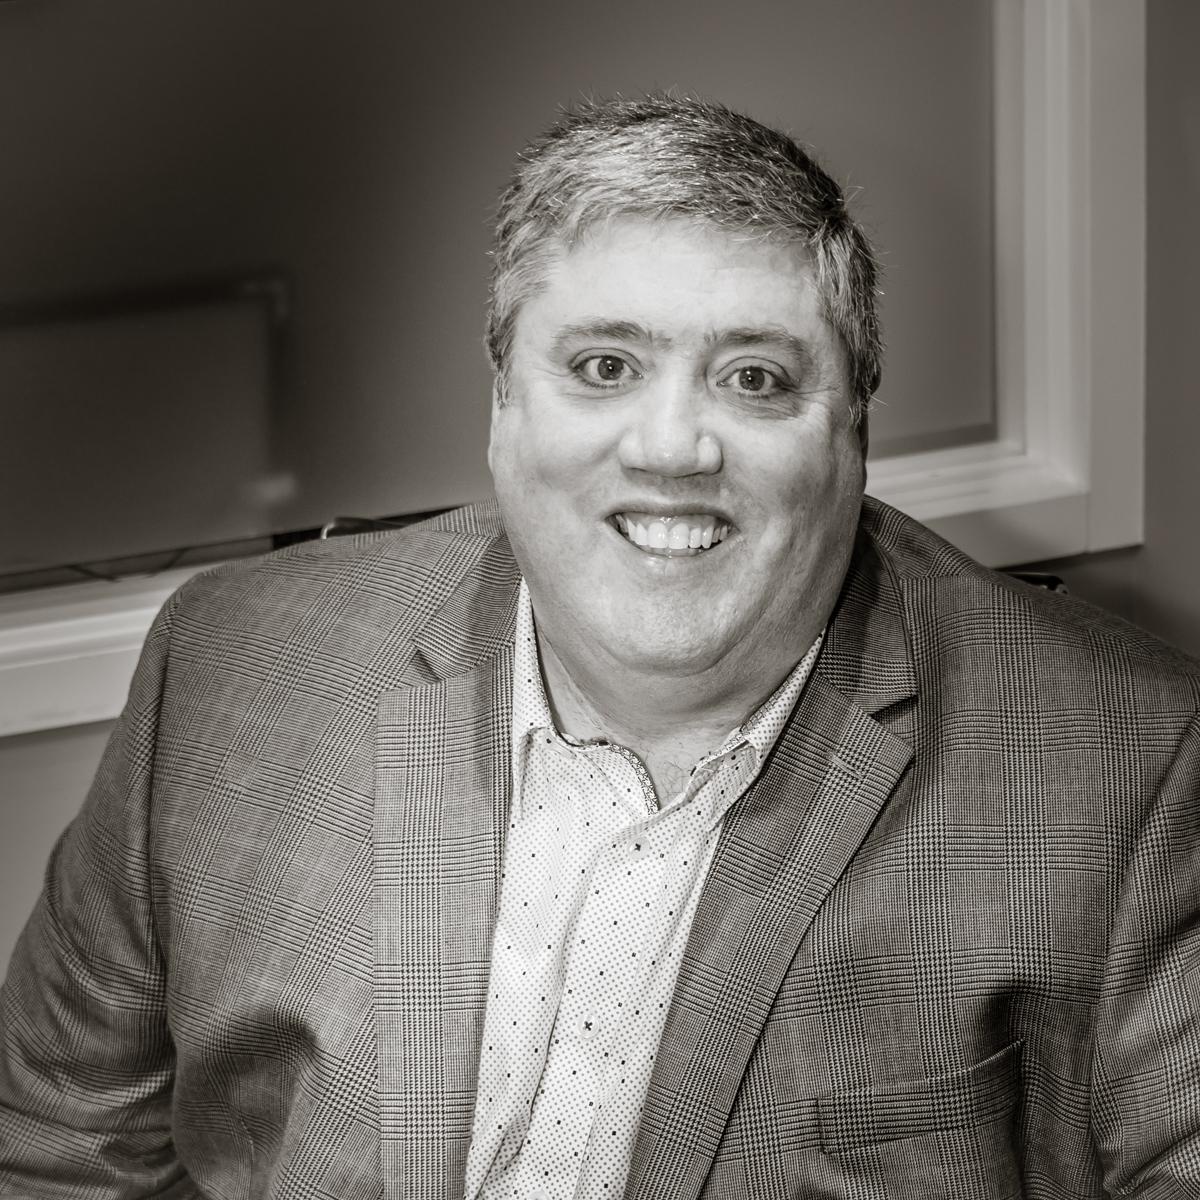 Joe C. Ferreira